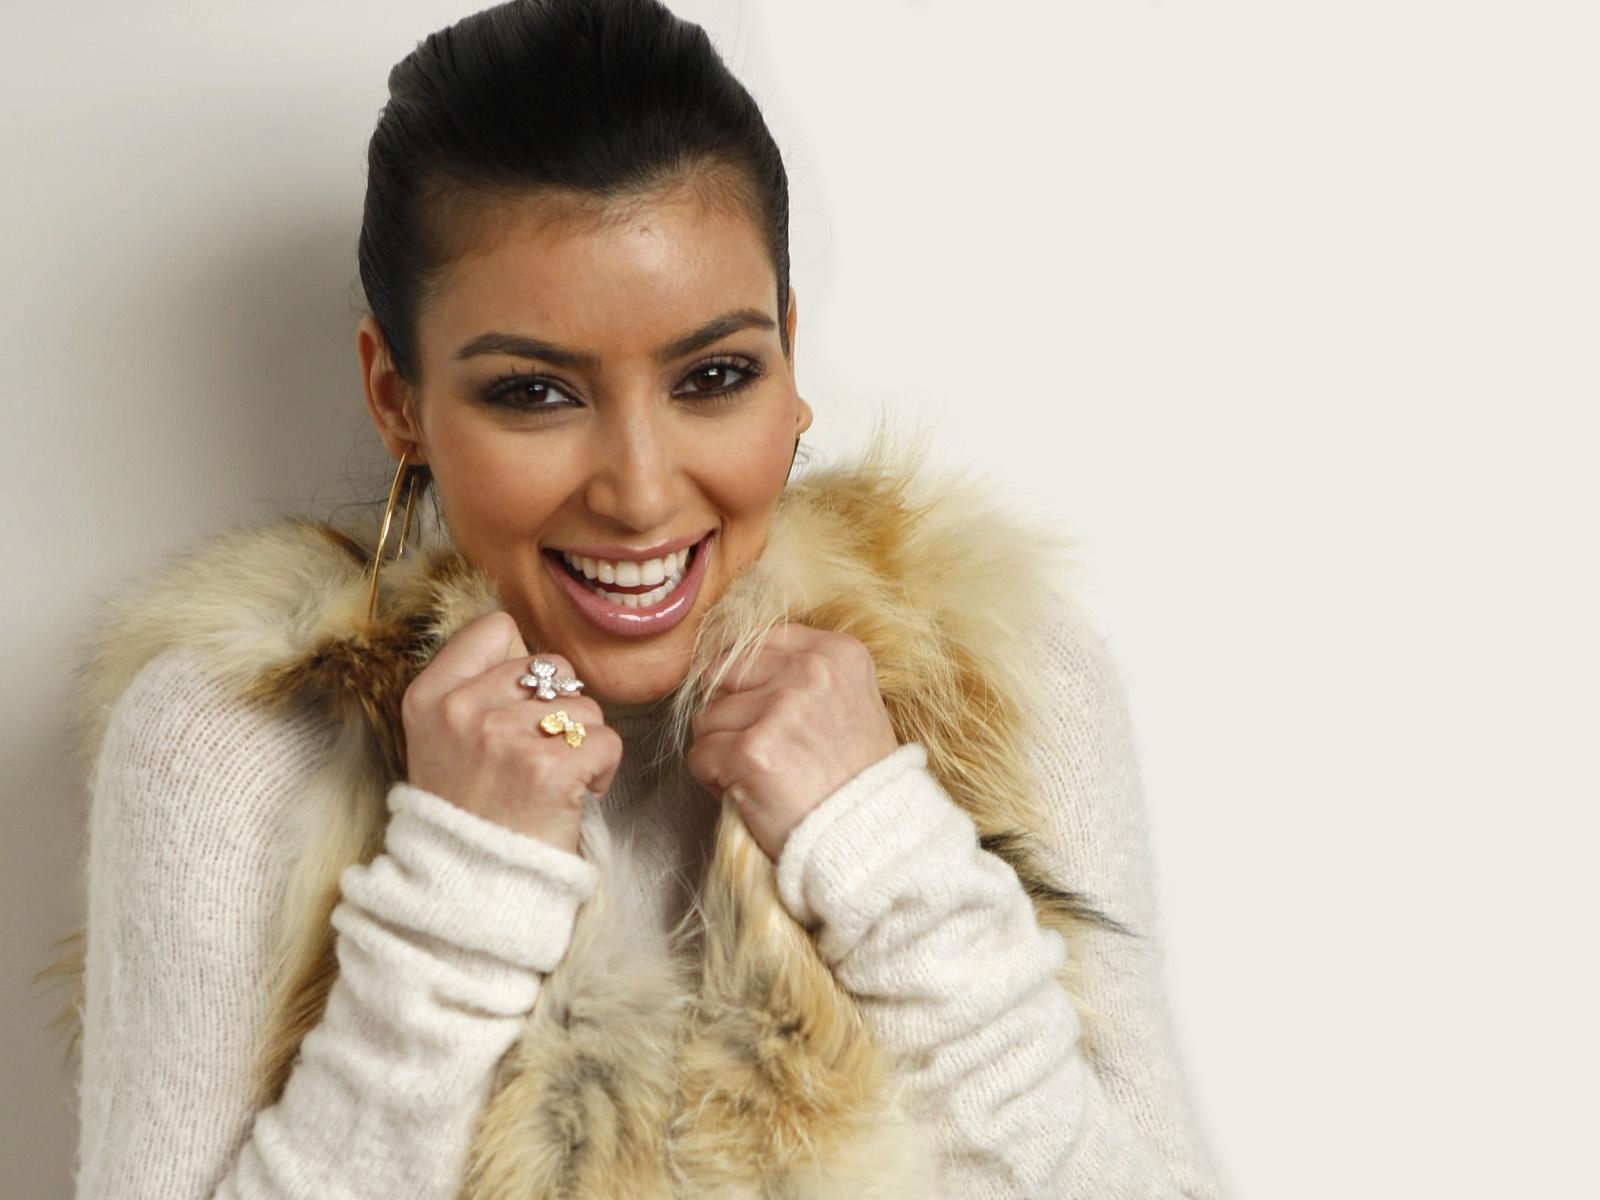 Девушка в меховых наушниках фото